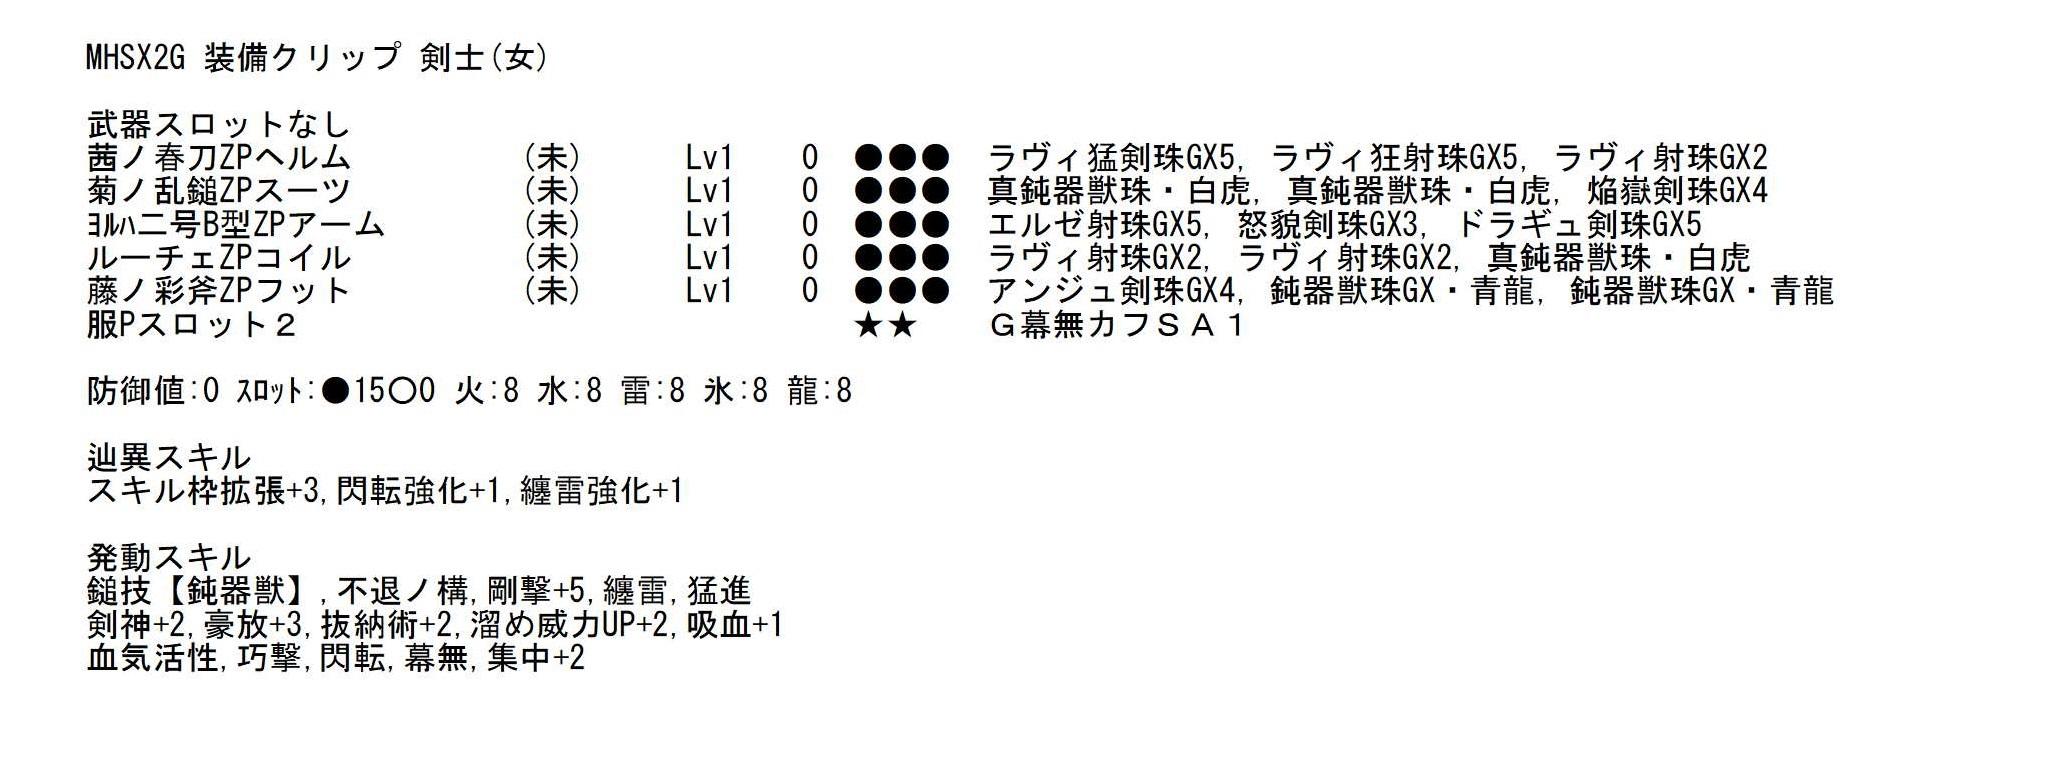 メモ帳-10-2